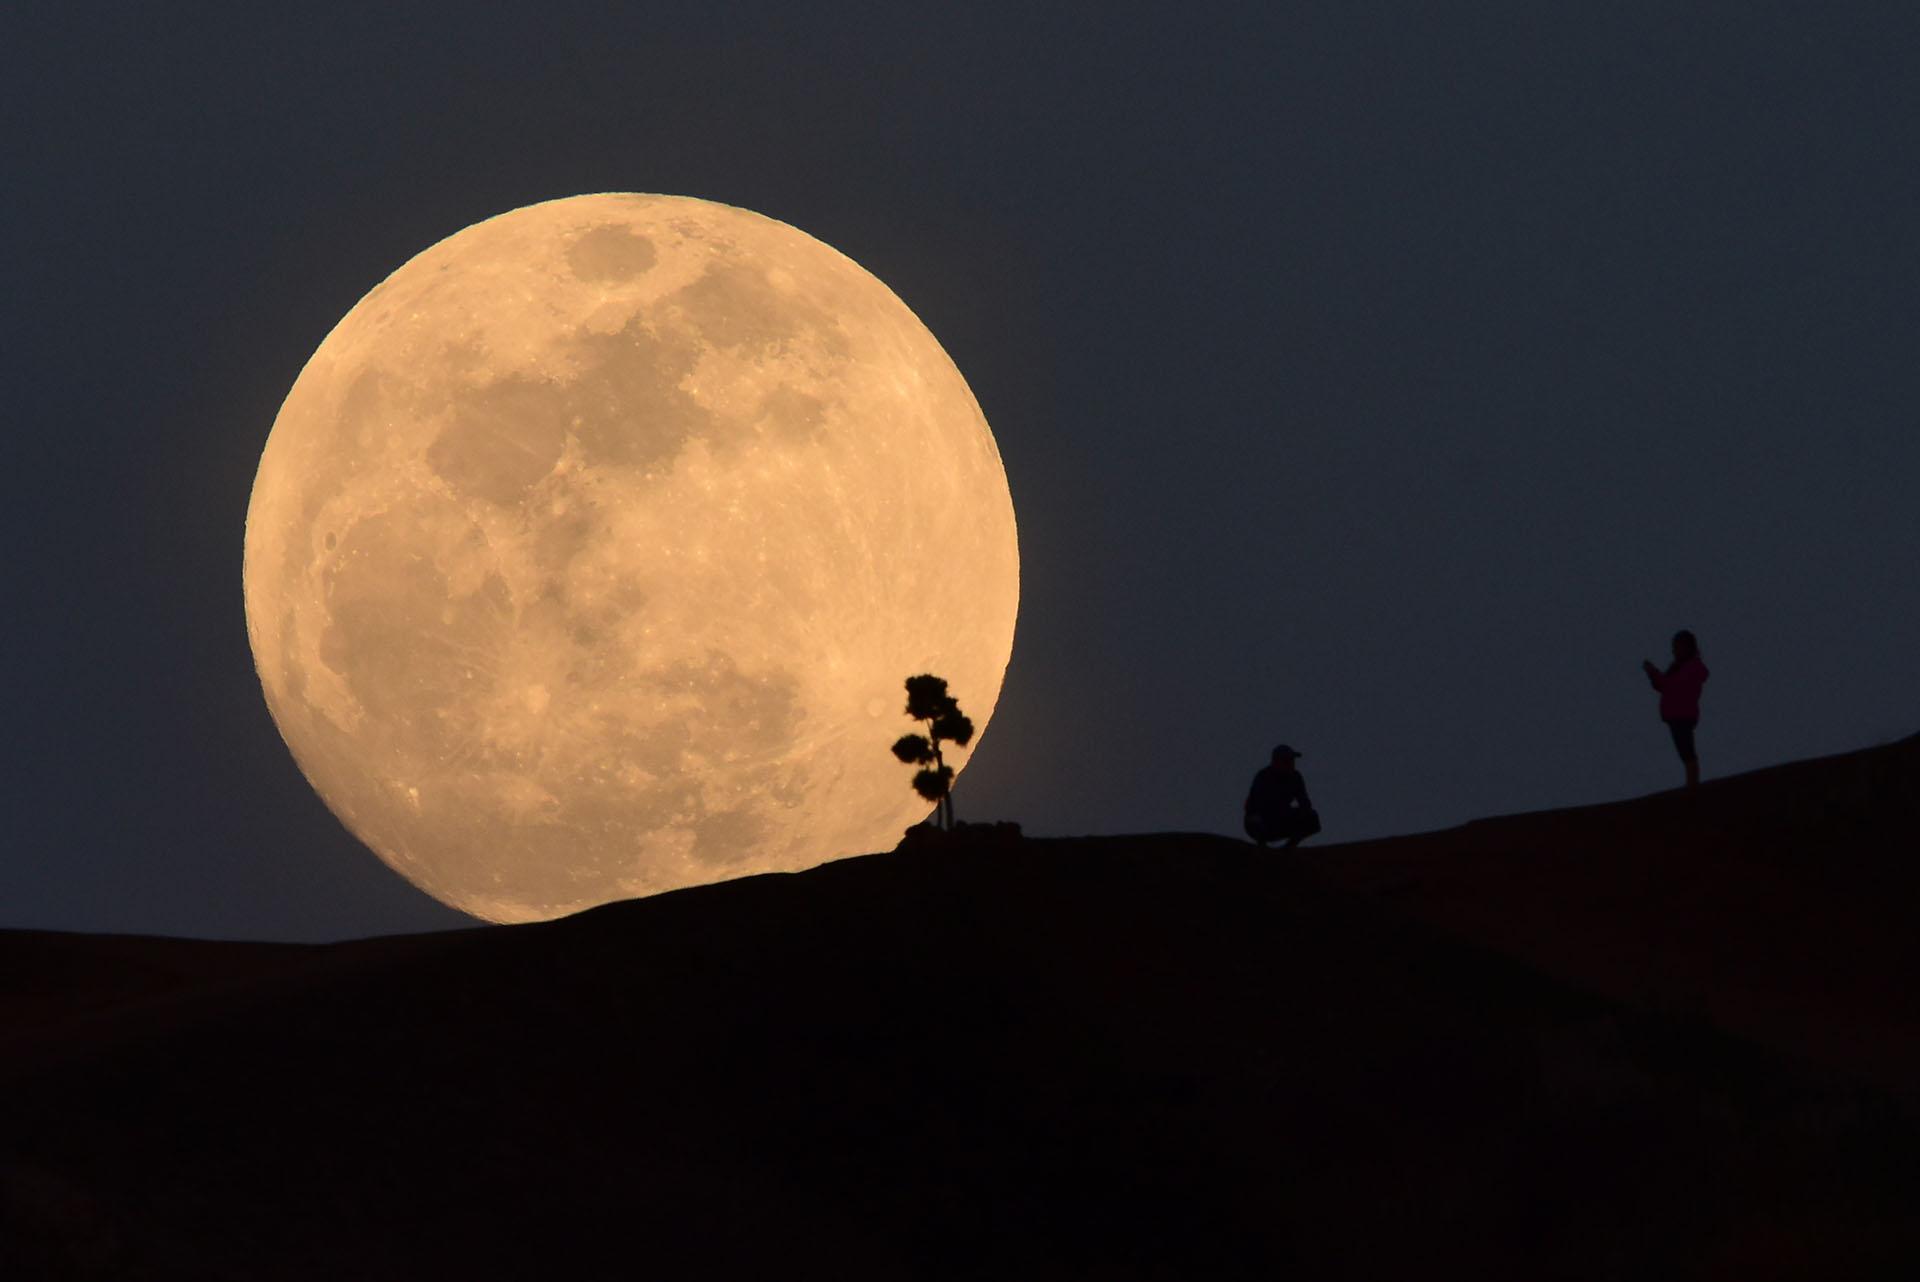 Una persona posa para una foto mientras la luna se levanta sobre Griffith Park en Los Ángeles, California, el 30 de enero de 2018